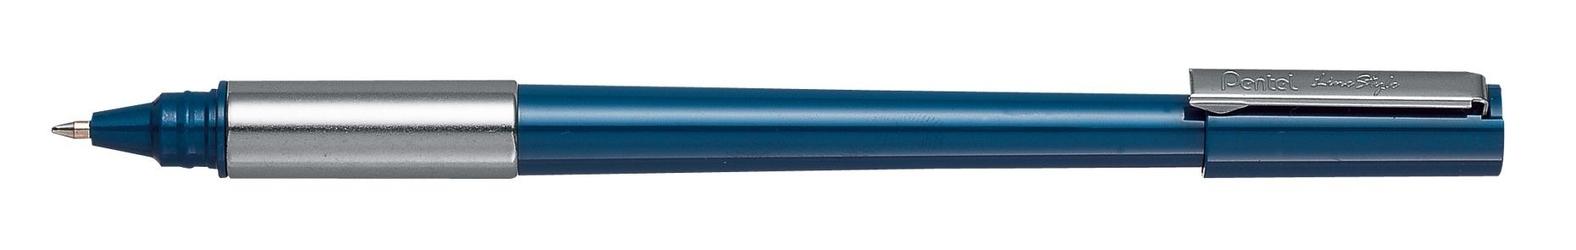 Długopis pentel bk708 - niebieski